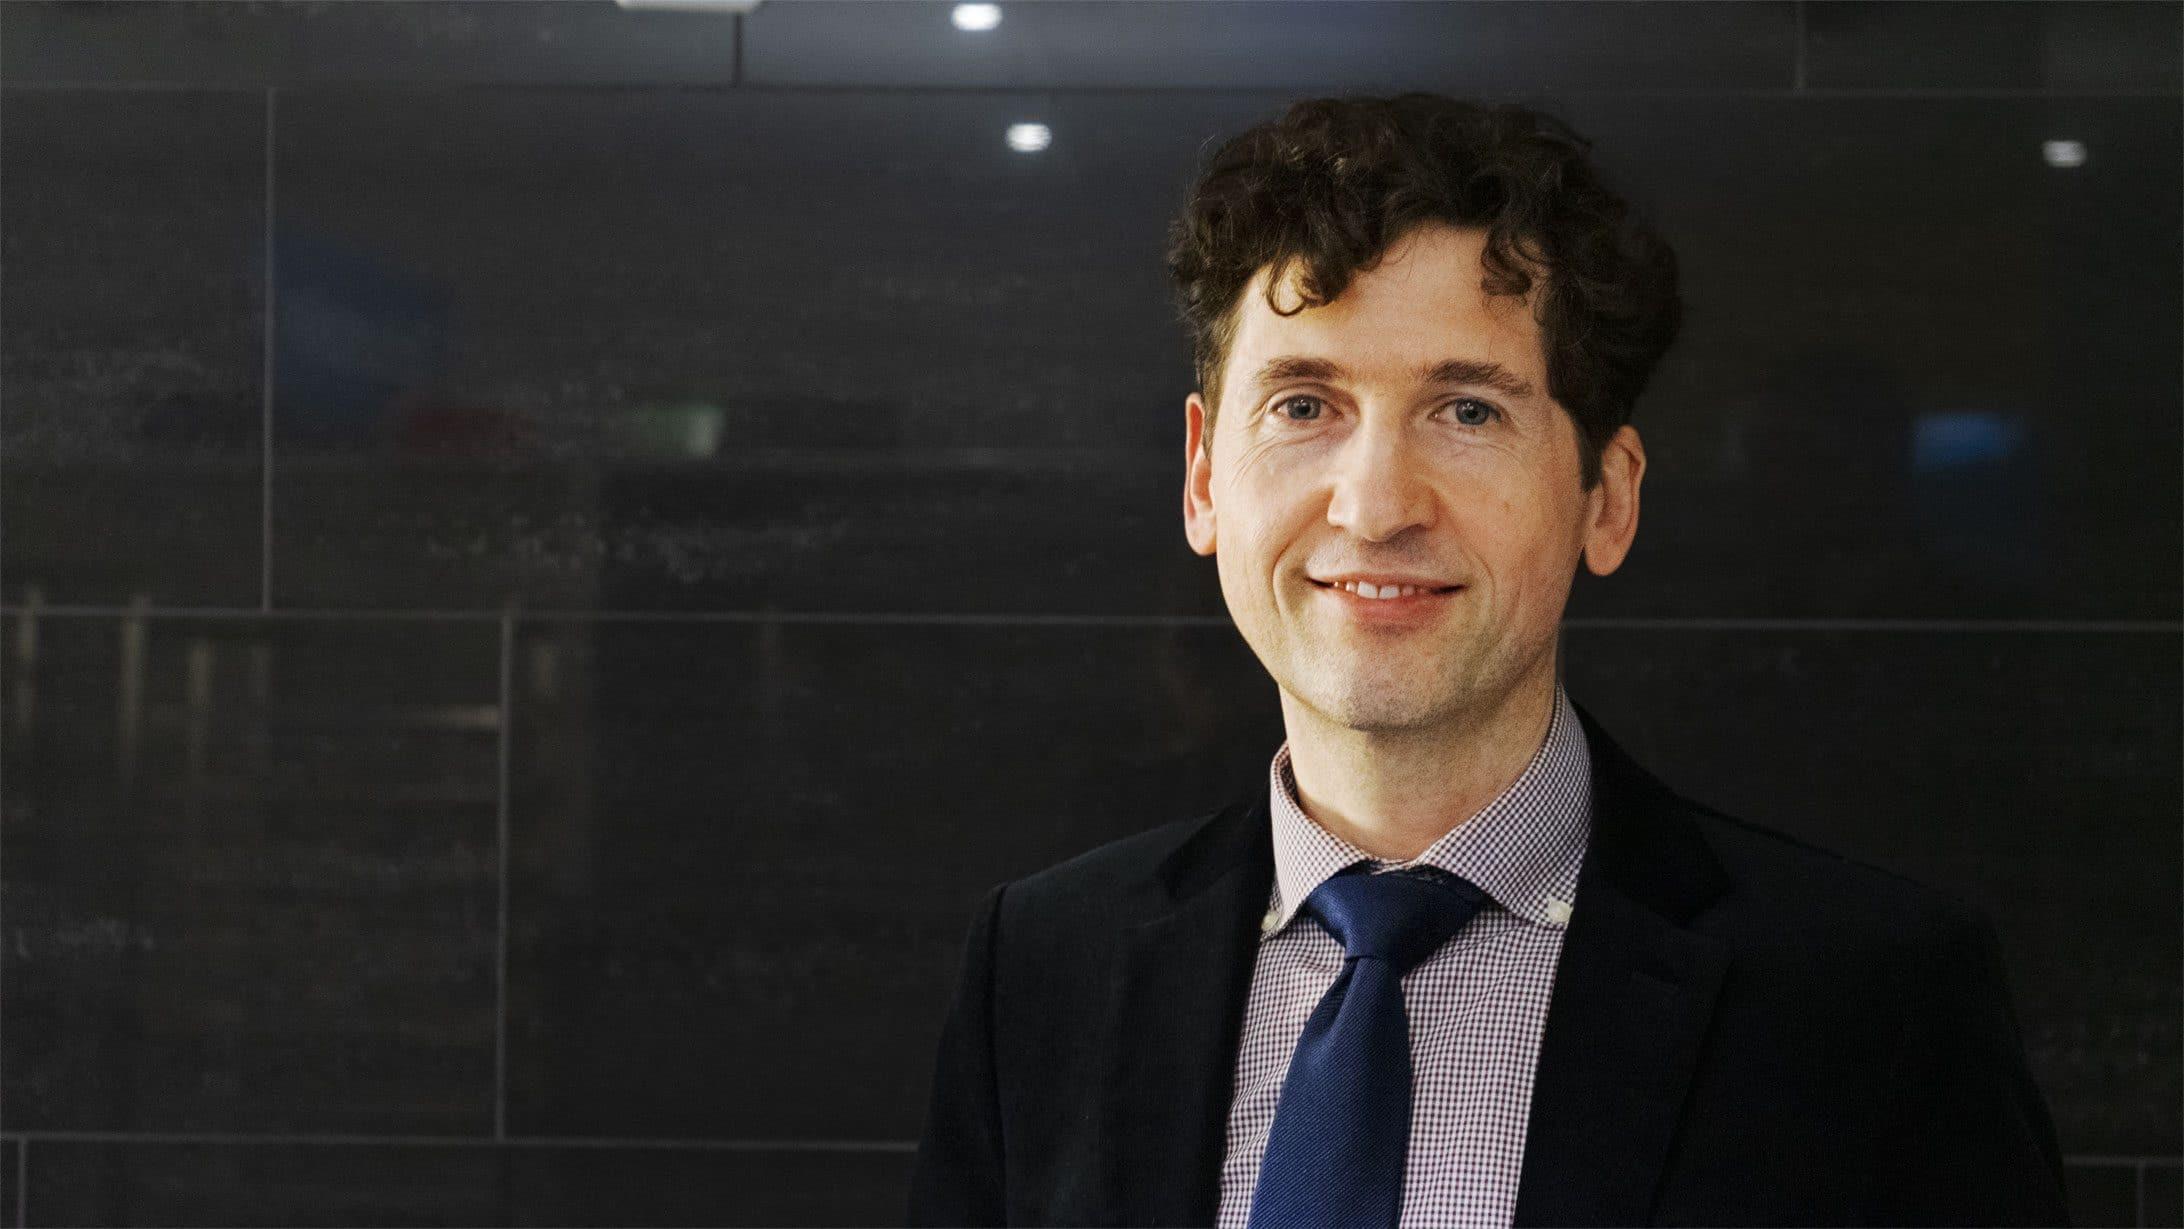 Michael Egloff, Teil der Männersprechstunde und Endokrinologe am KSB